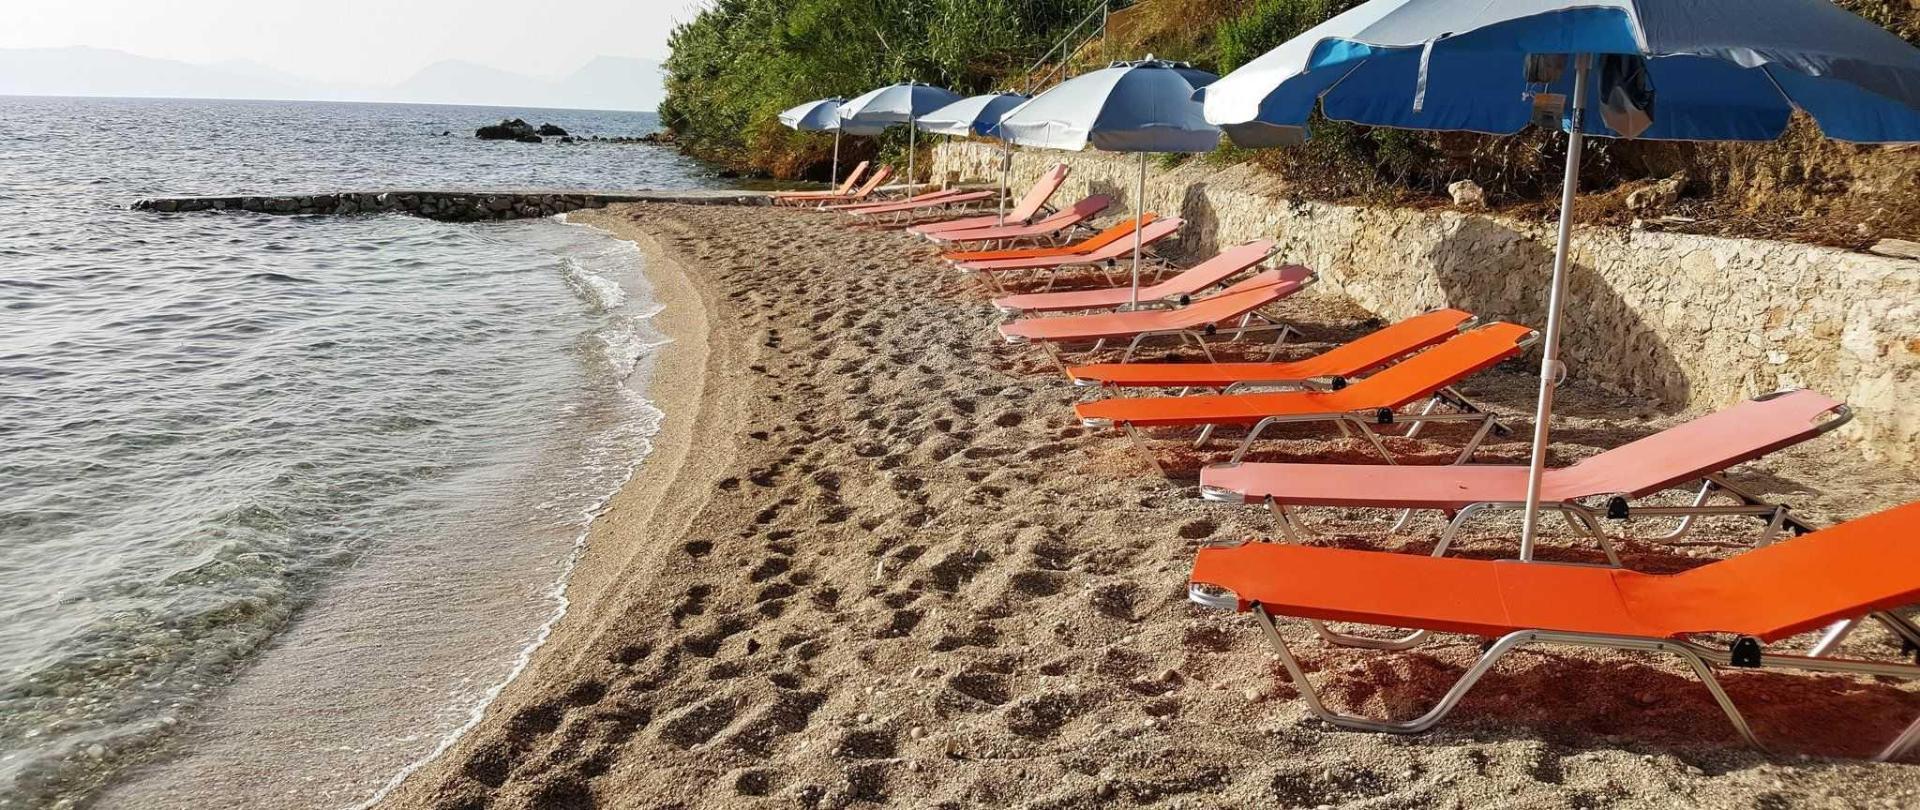 beach-2017.jpg